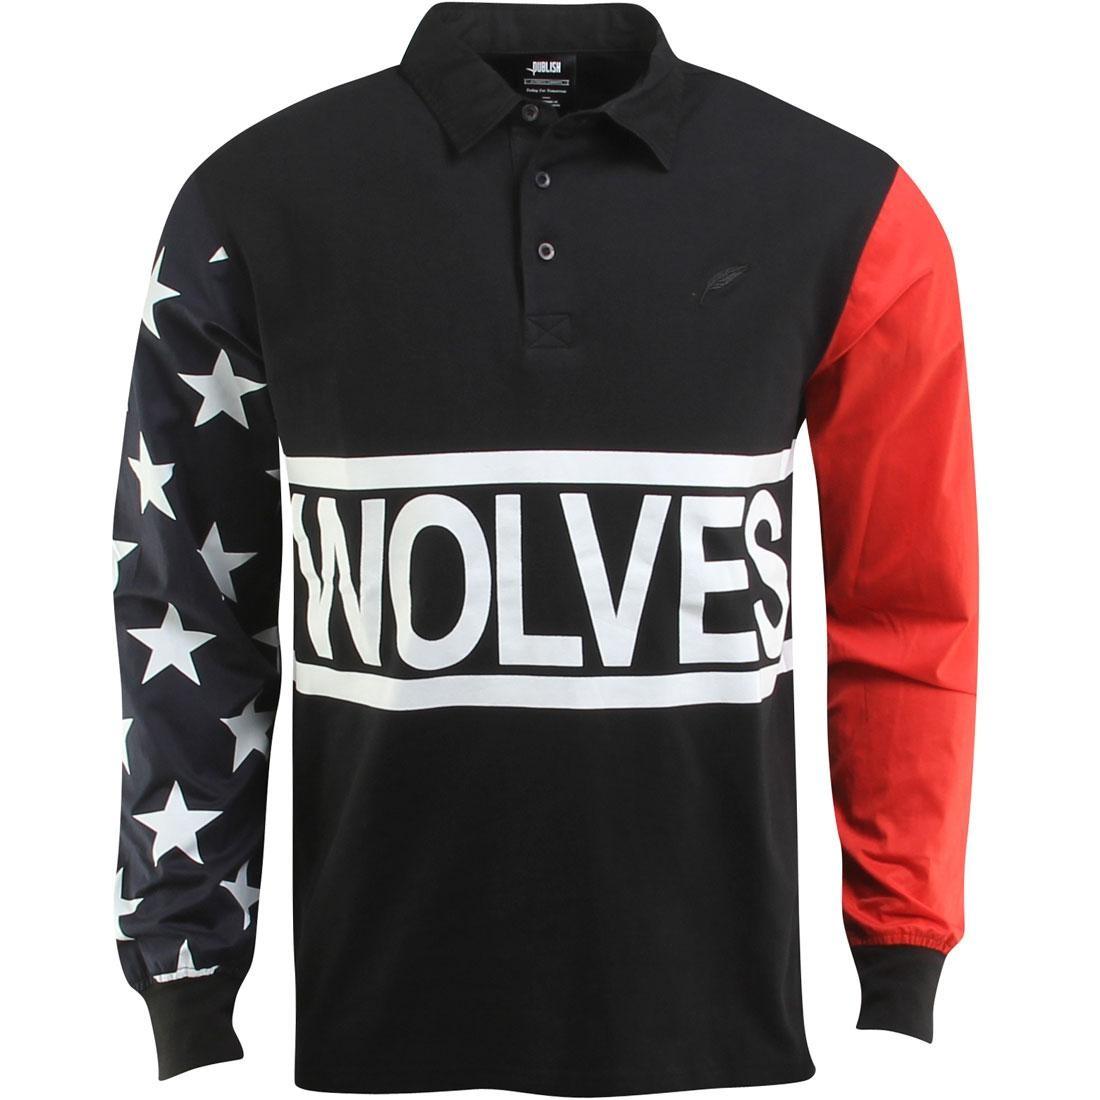 【海外限定】パブリッシュ スリーブ Tシャツ BLACK トップス メンズファッション【 SLEEVE PUBLISH LONG RUGBY X RBW BYRAM RUGBY LONG TEE BLACK】, 大治町:d3fc0cbe --- sunward.msk.ru